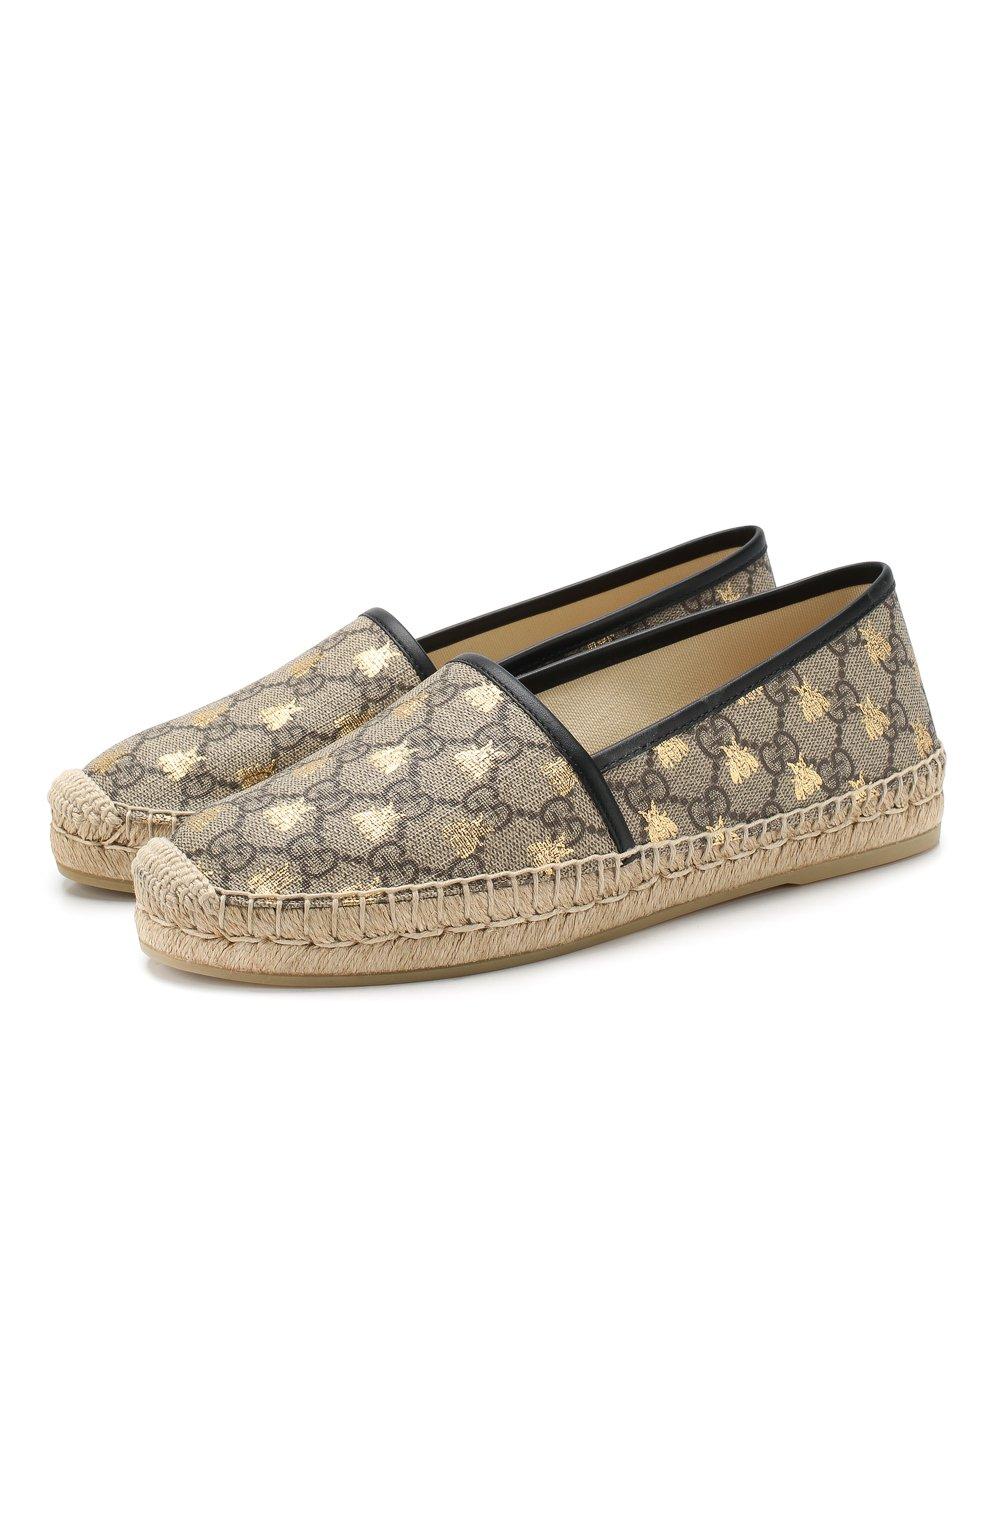 Женская обувь Gucci по цене от 17 650 руб. купить в интернет-магазине ЦУМ 606e1851c17